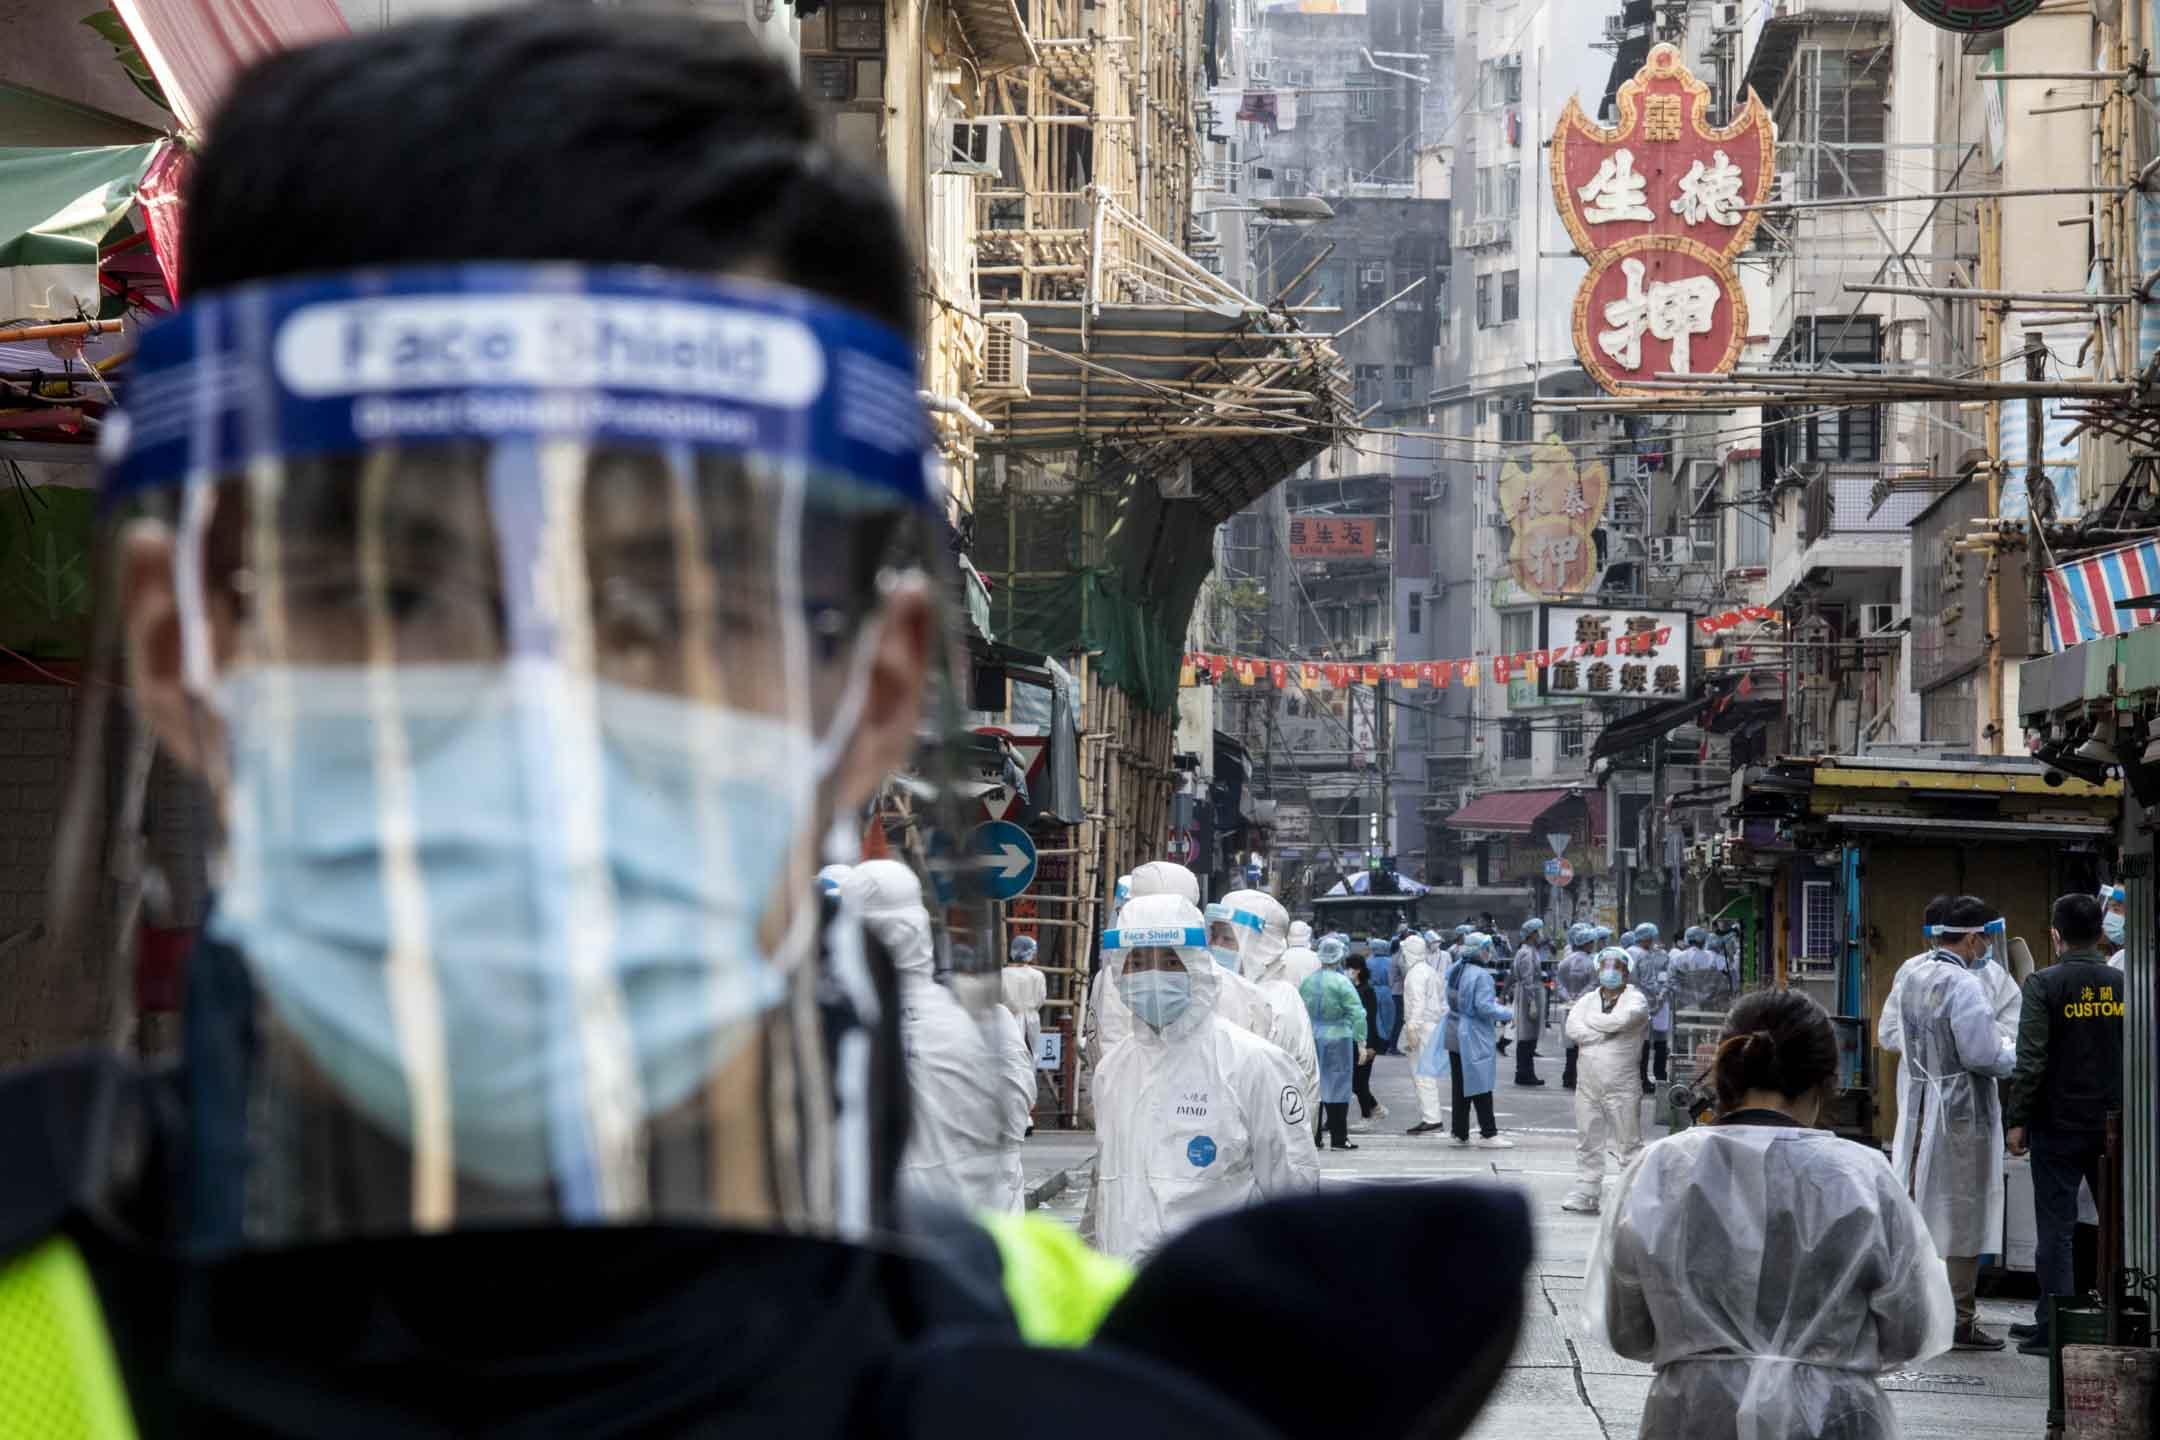 2021年1月23日,佐敦「受限區域」由警員把守出入口,內有大量穿上保護衣的工作人員安排區內人士強制檢測。 攝:林振東/端傳媒